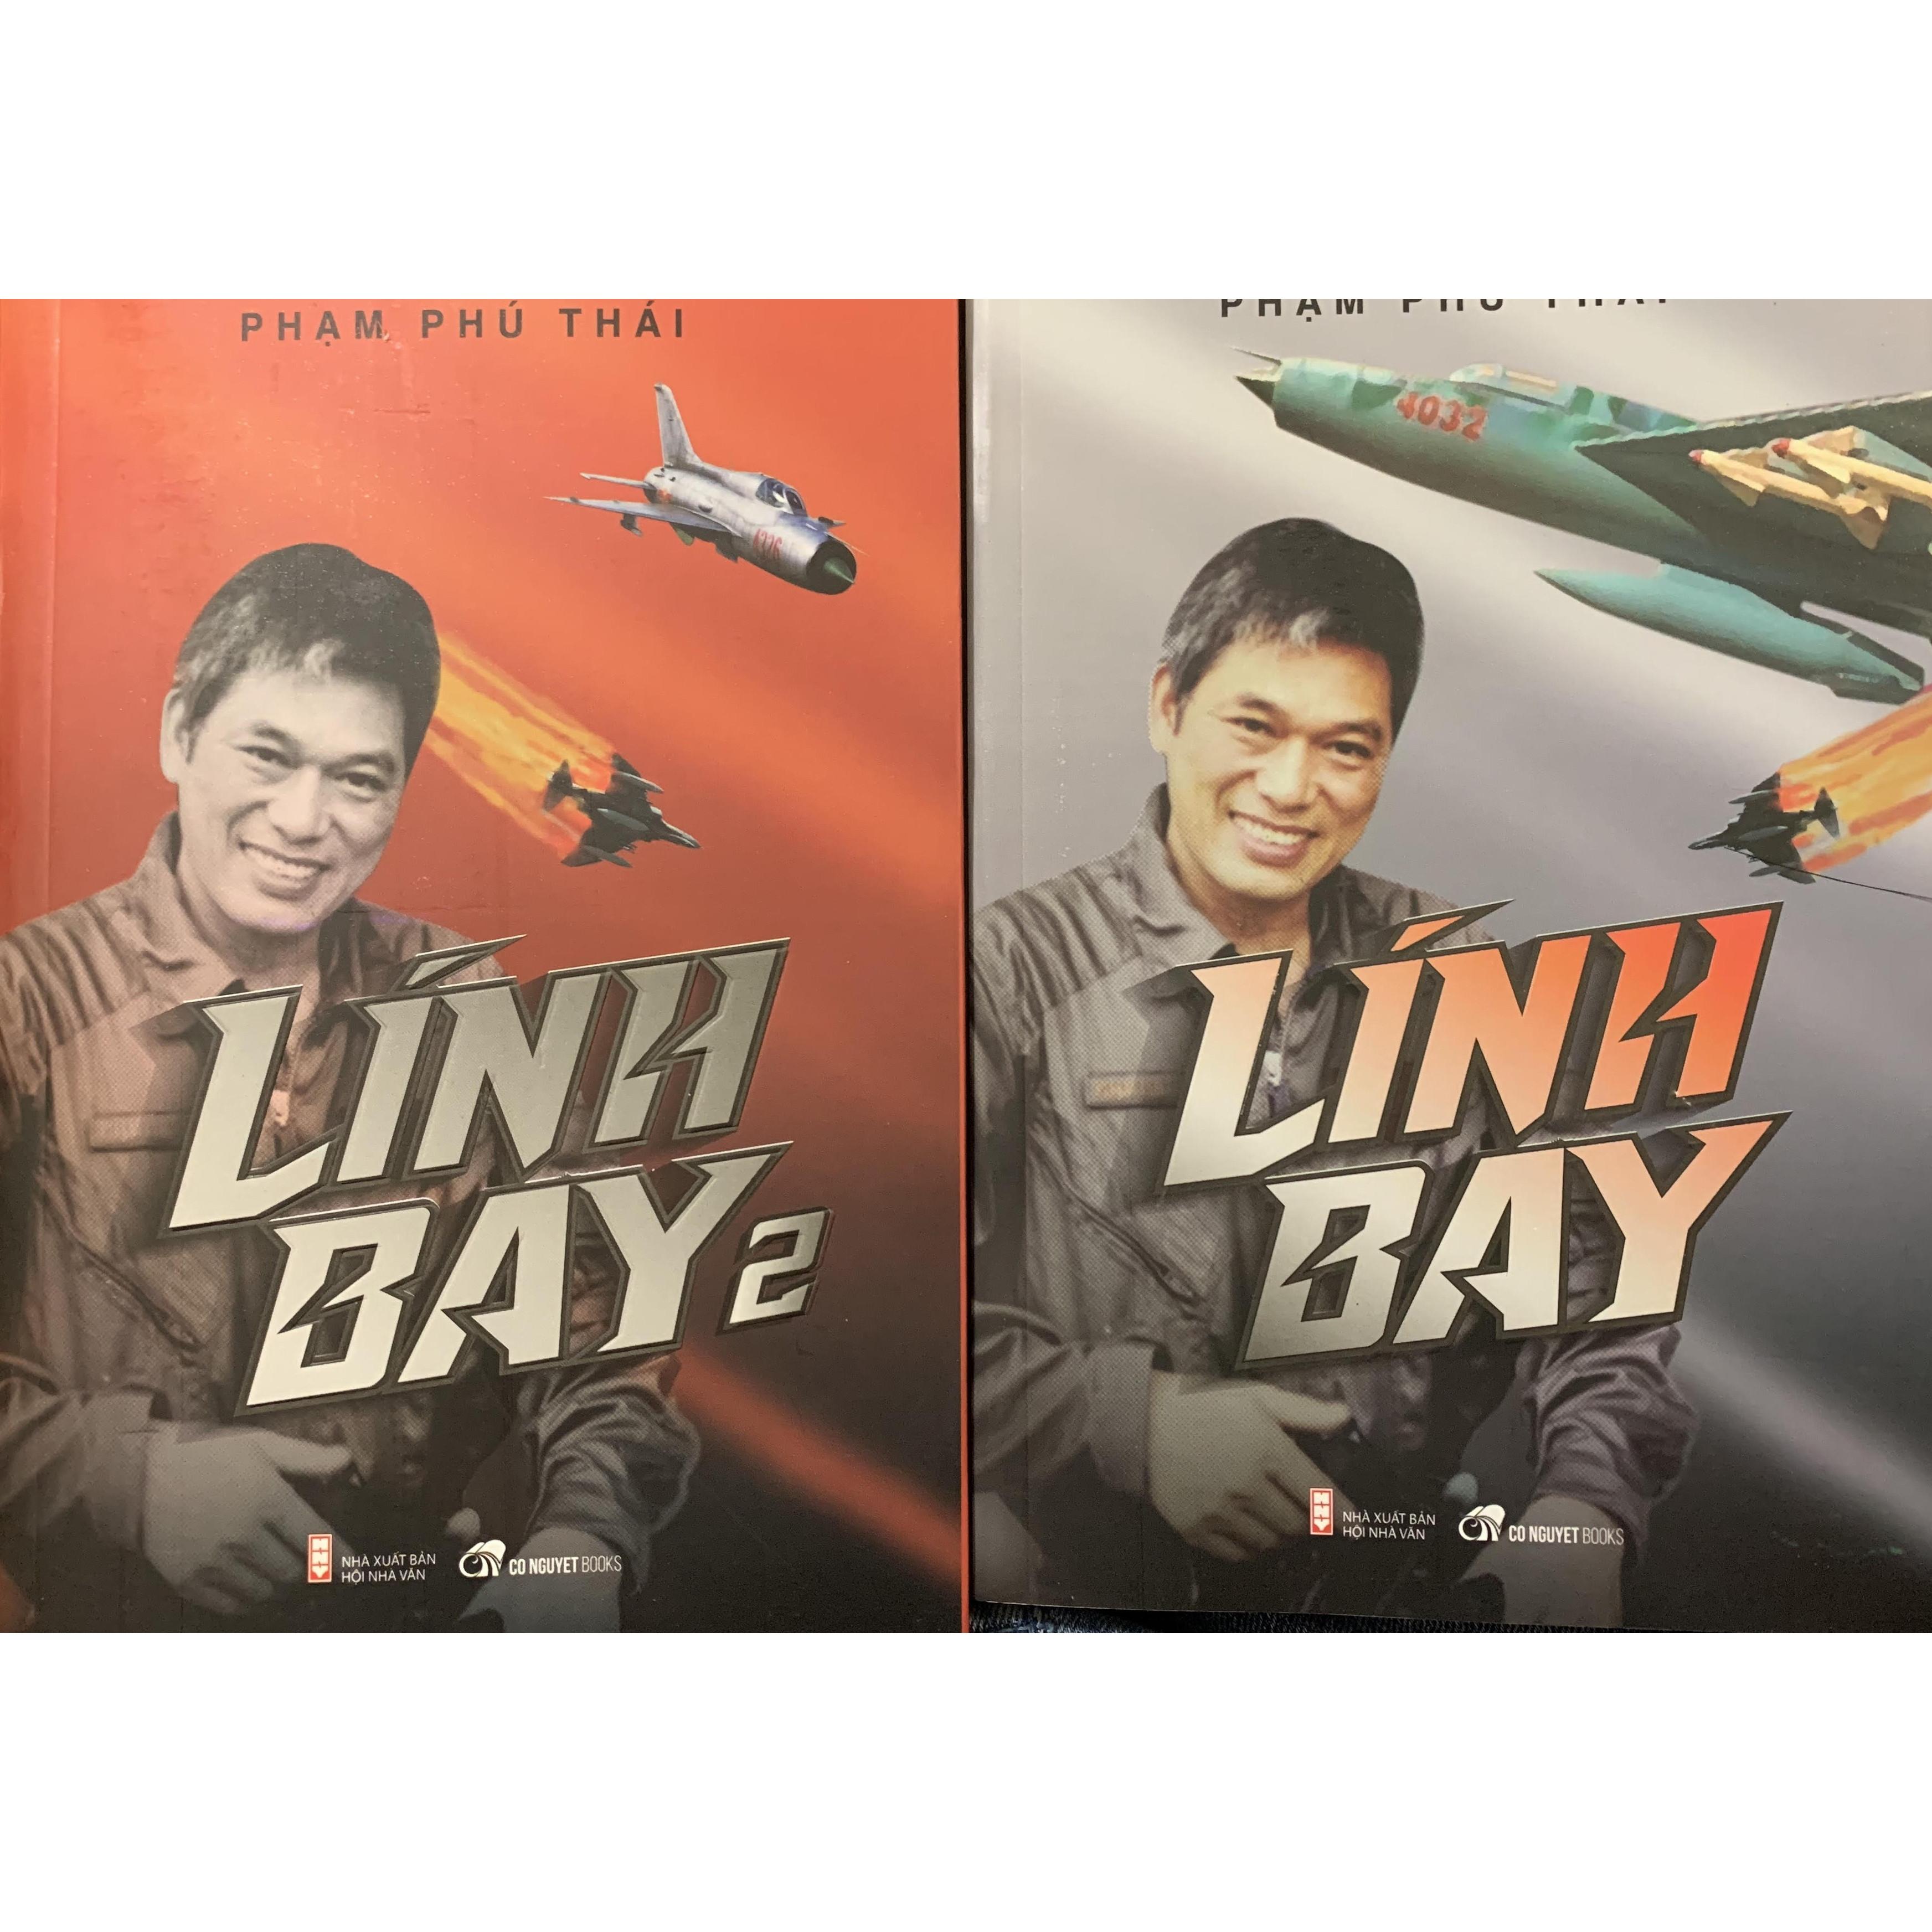 Lính Bay - Hồi ký của Tác giả: Phạm Phú Thái (Bộ 2 tập)